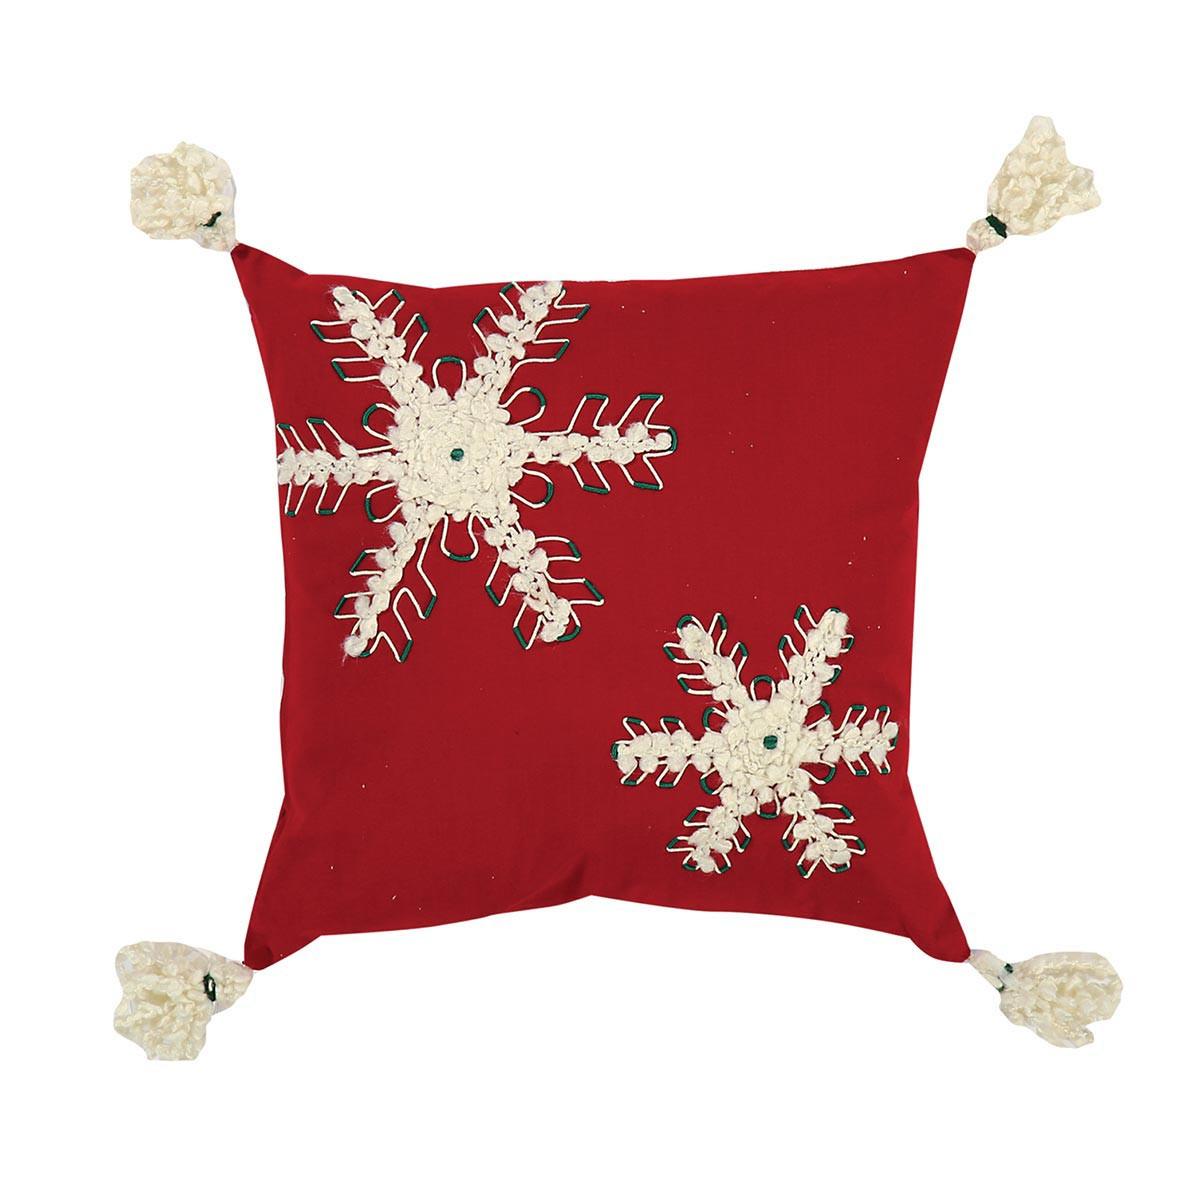 Χριστουγεννιάτικο Διακοσμητικό Μαξιλάρι Nef-Nef Snowflakes